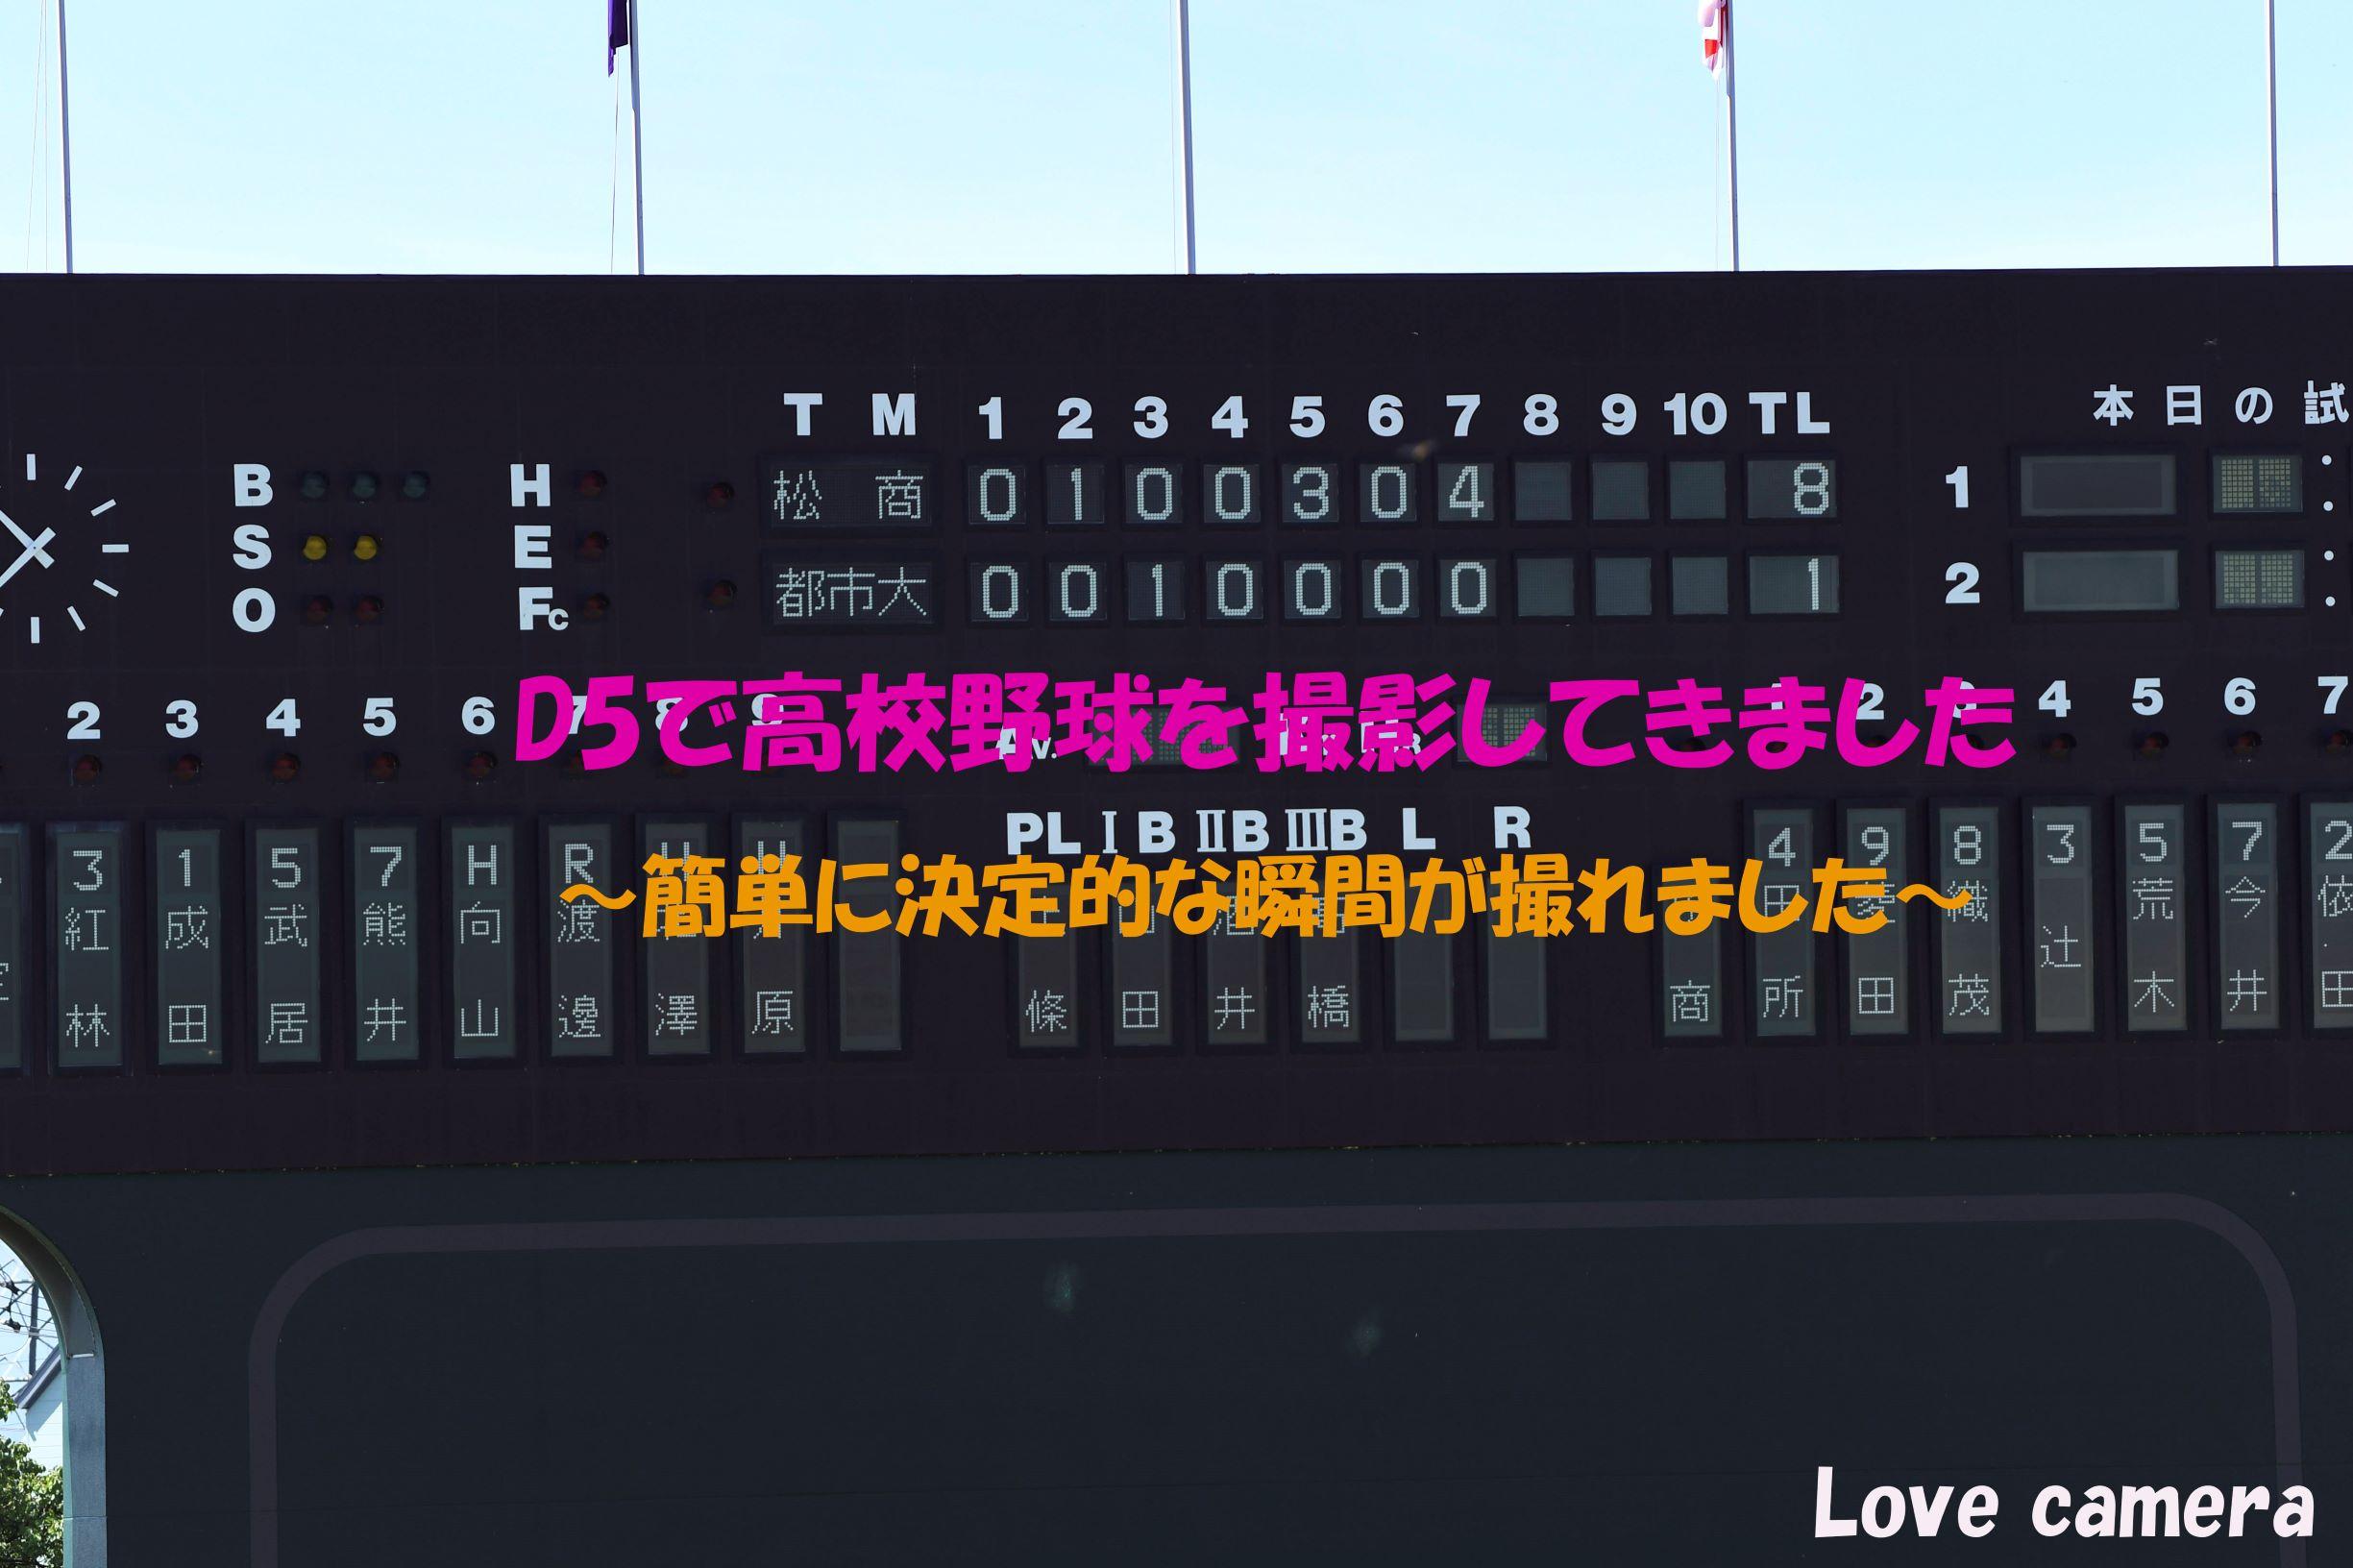 ニコン D5で高校野球を撮影しました。AF追従性能と連写が最高です